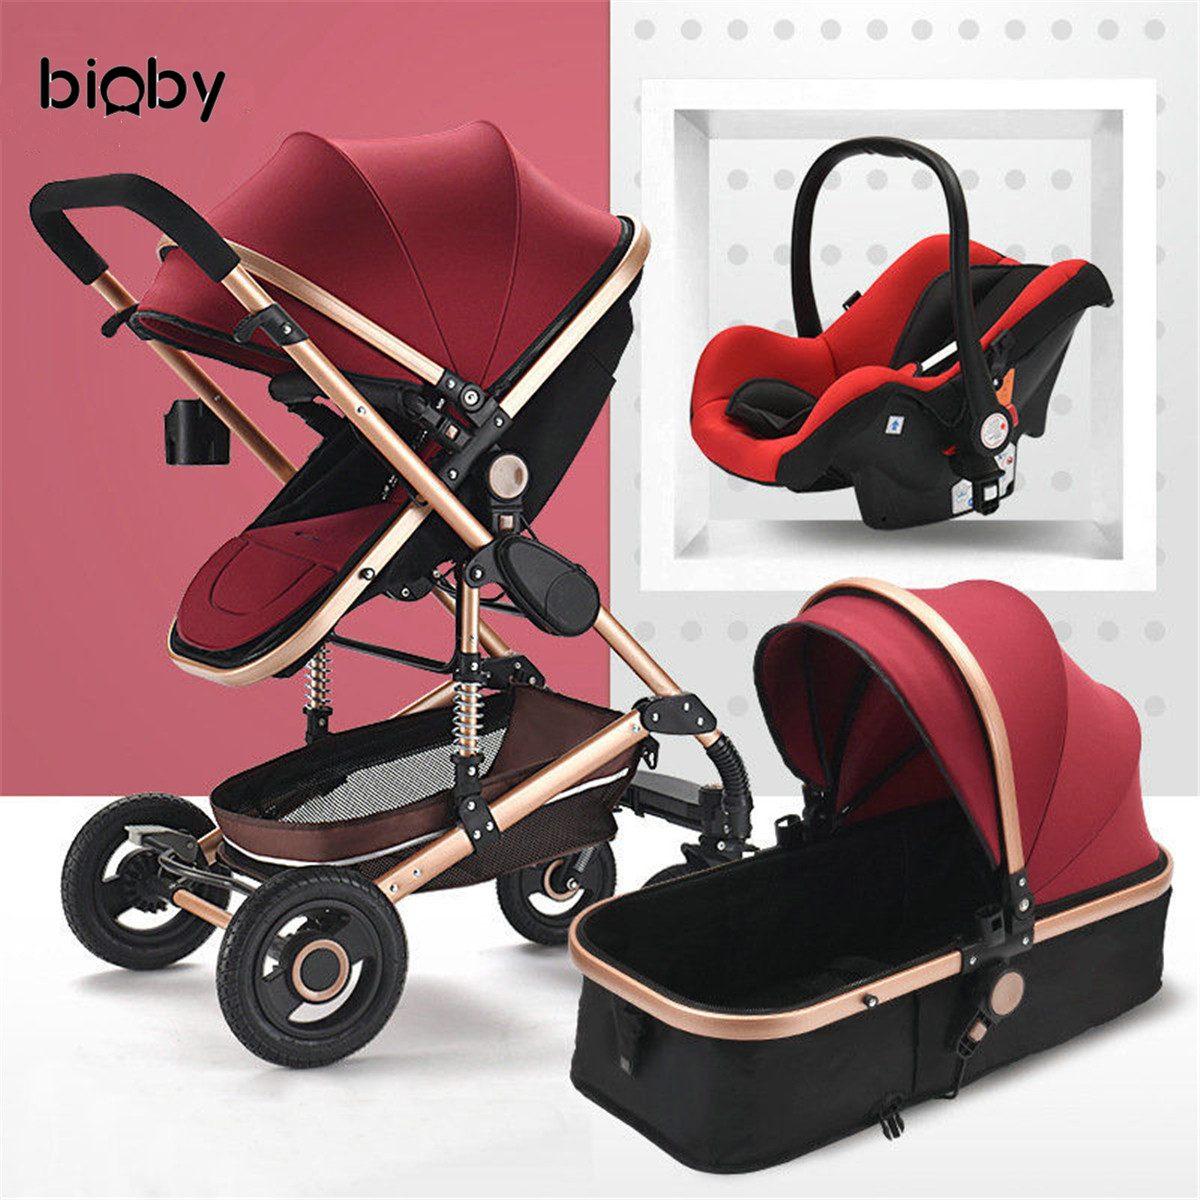 Poussette bébé 3 en 1 couffin siège de sécurité voiture pliable chariot poussette couché panier de couchage Highview landau 0-4 ans 4 saisons